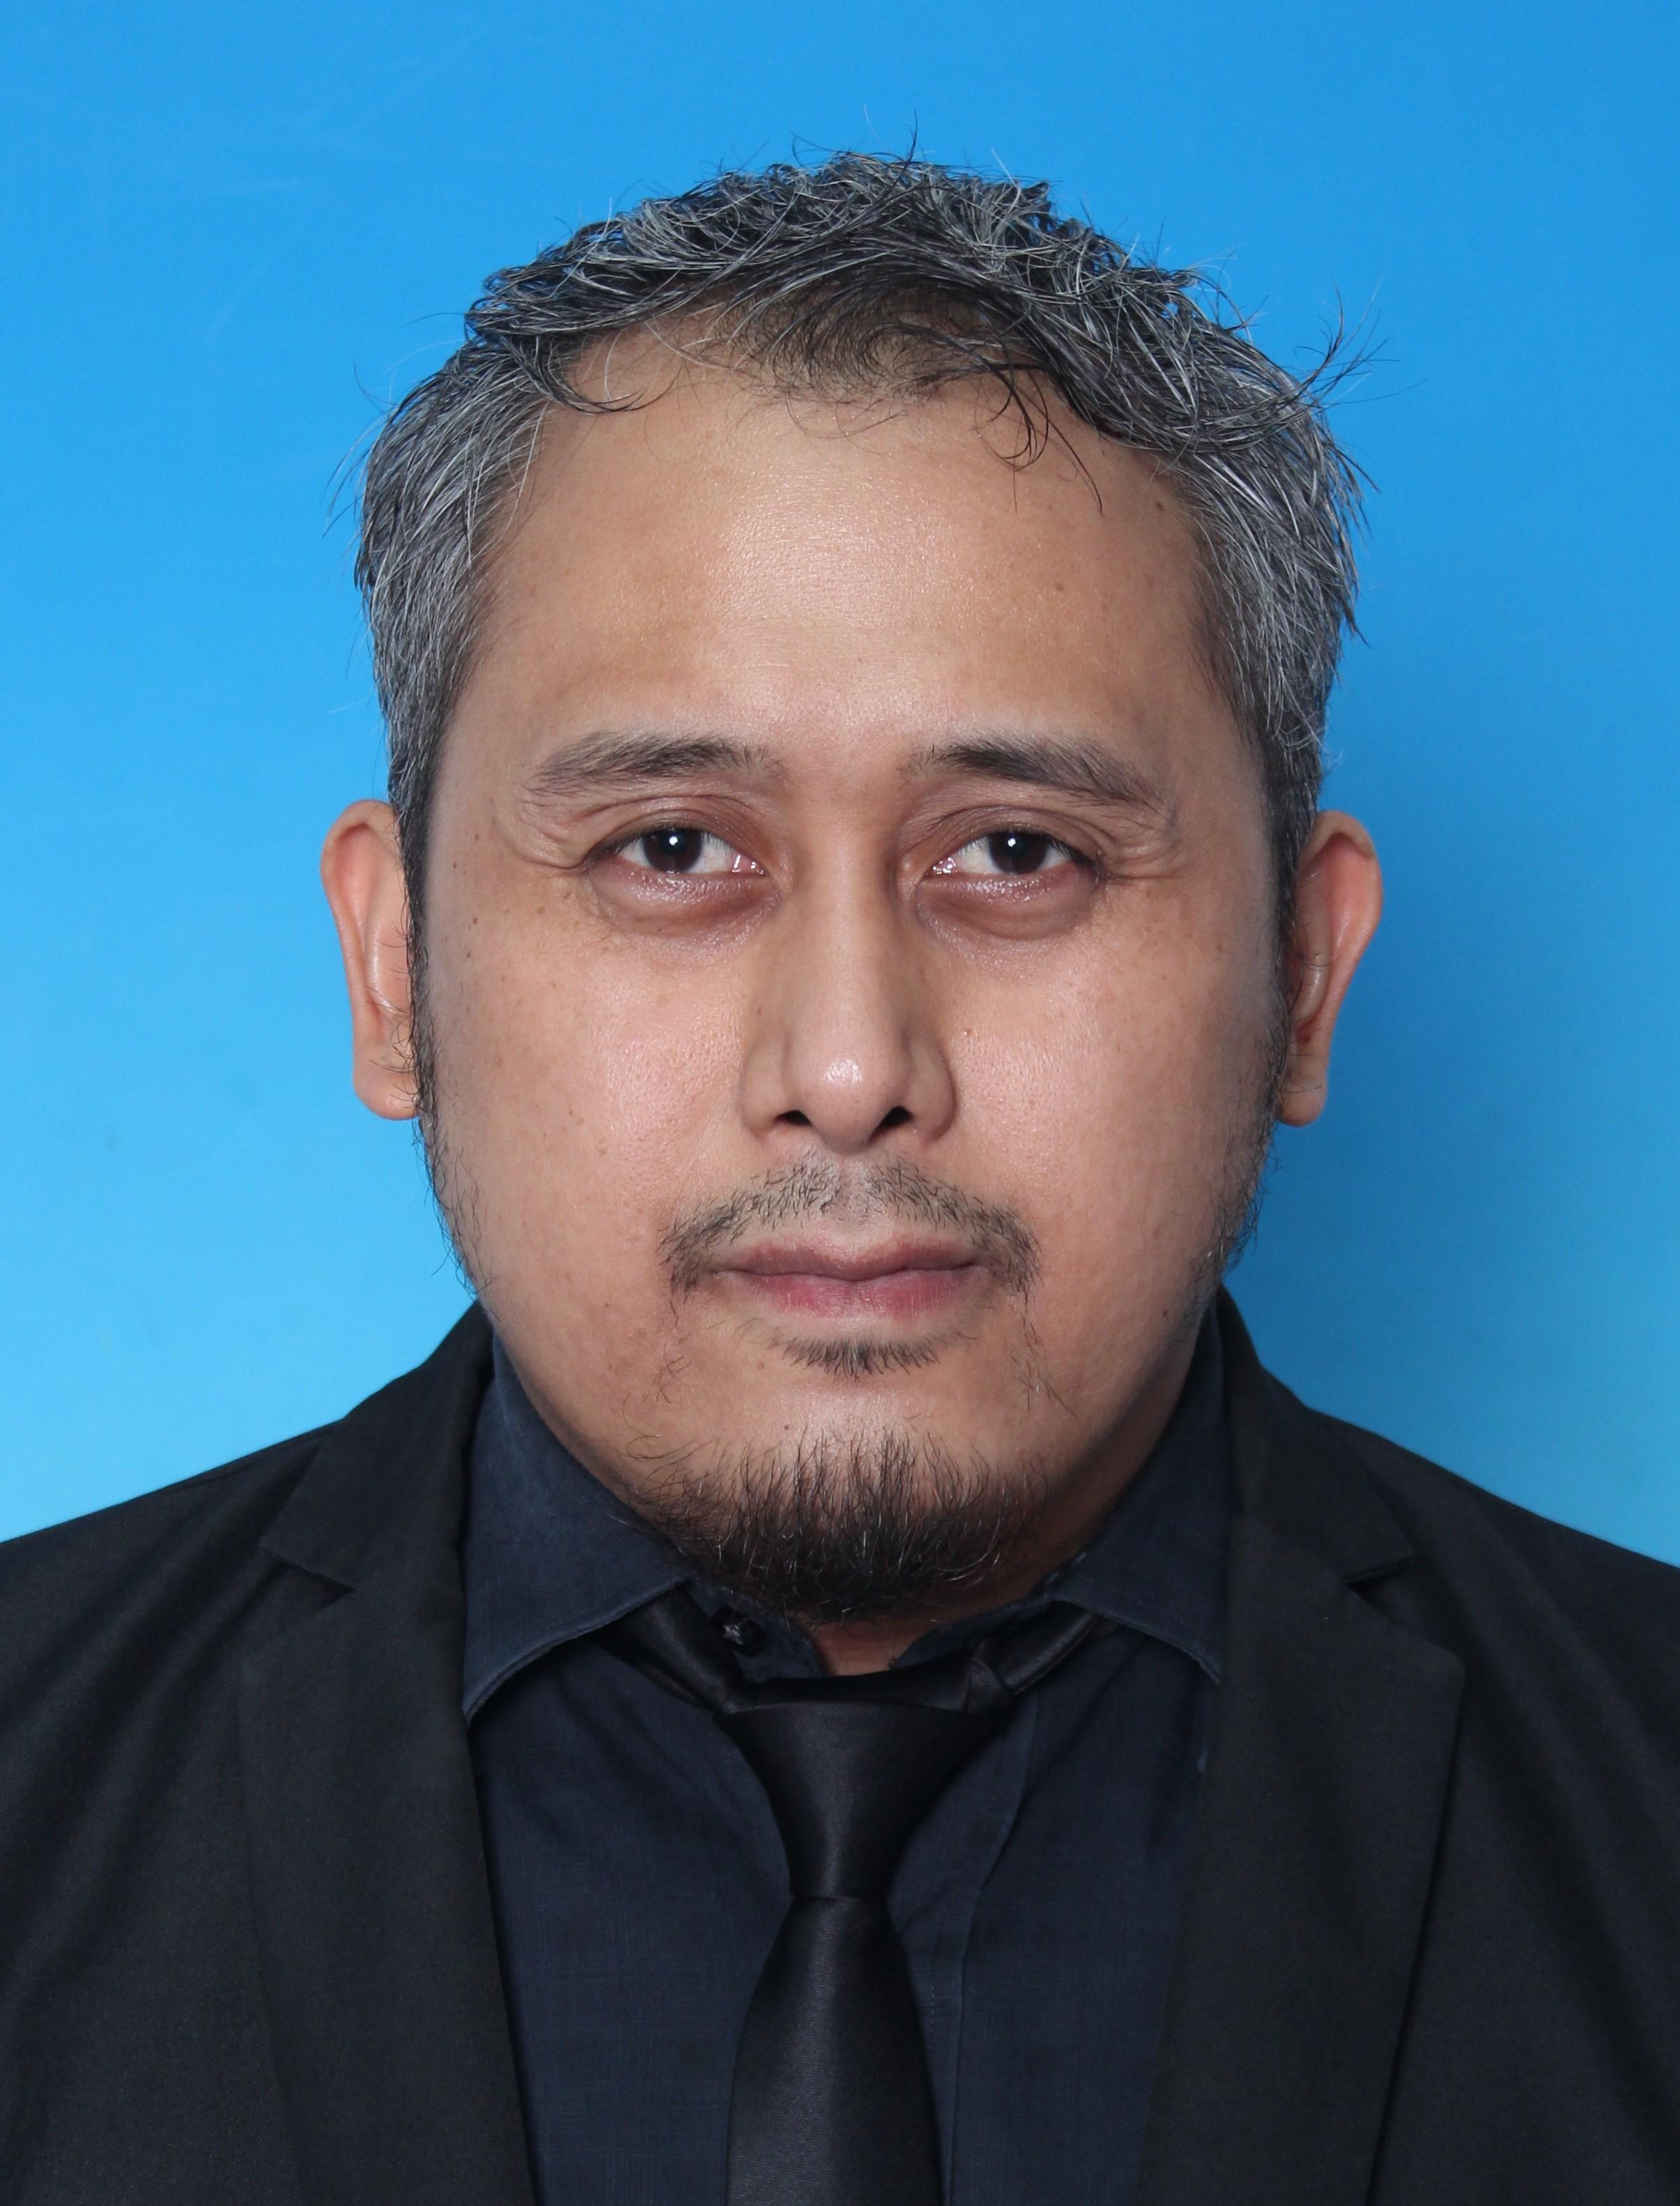 Wan Luqman Hakim Bin Wan Abdul Hamid